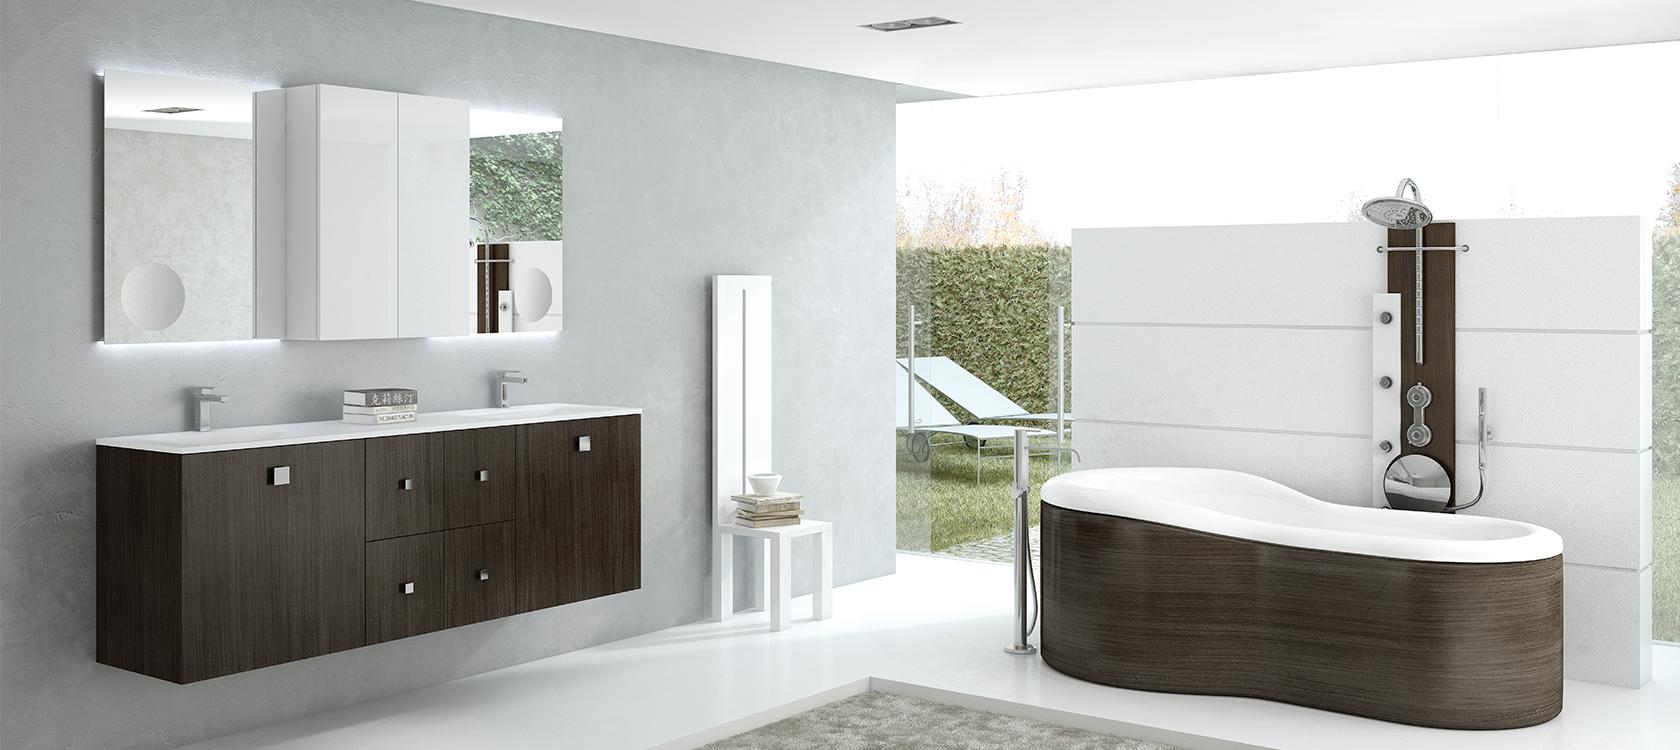 Muebles de baños y aseos a medidas en Logroño